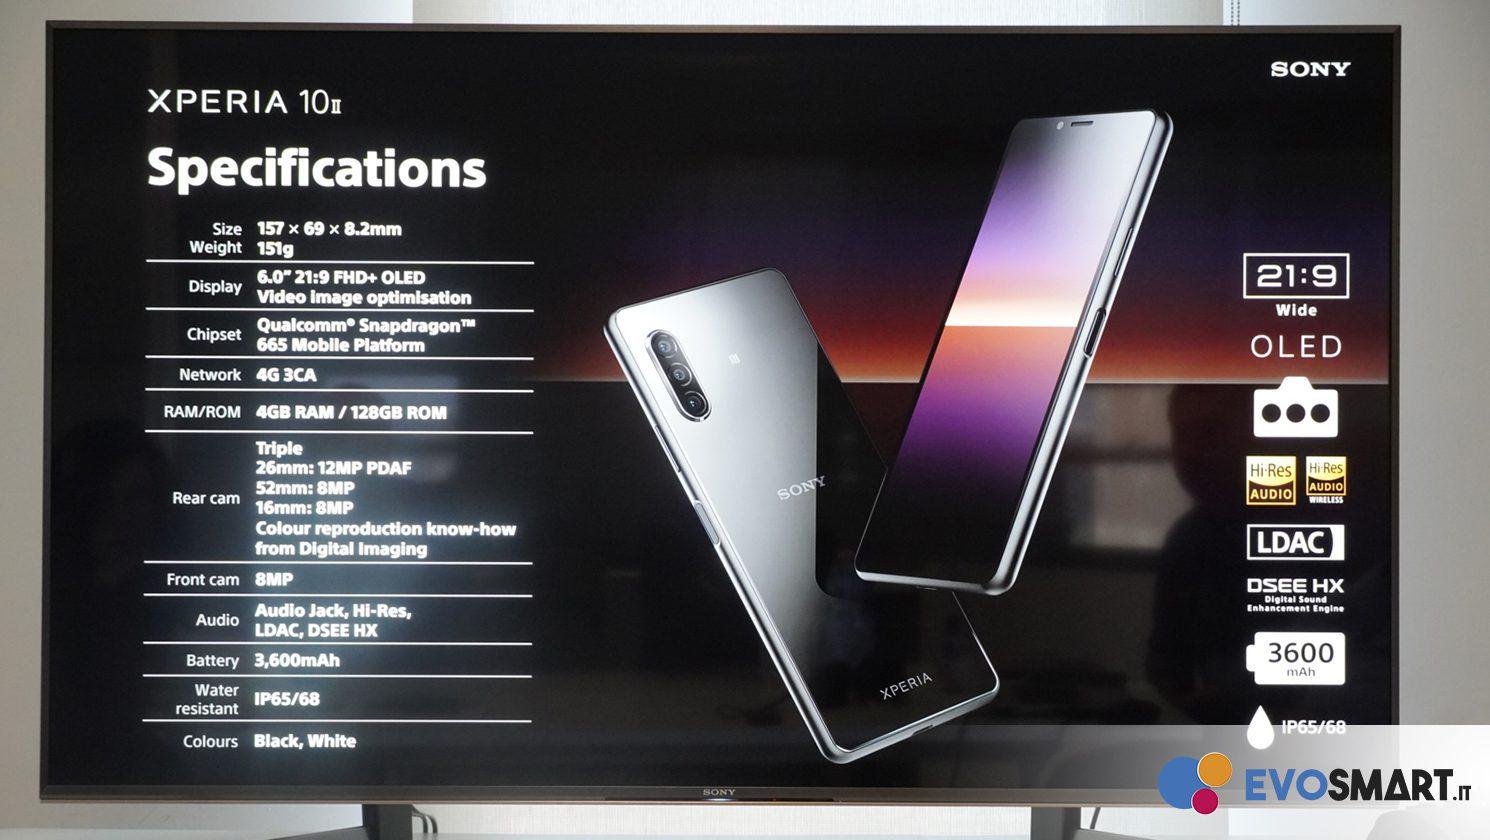 Sony Xperia 10 Mark II - Come Xperia 10, ma diverso